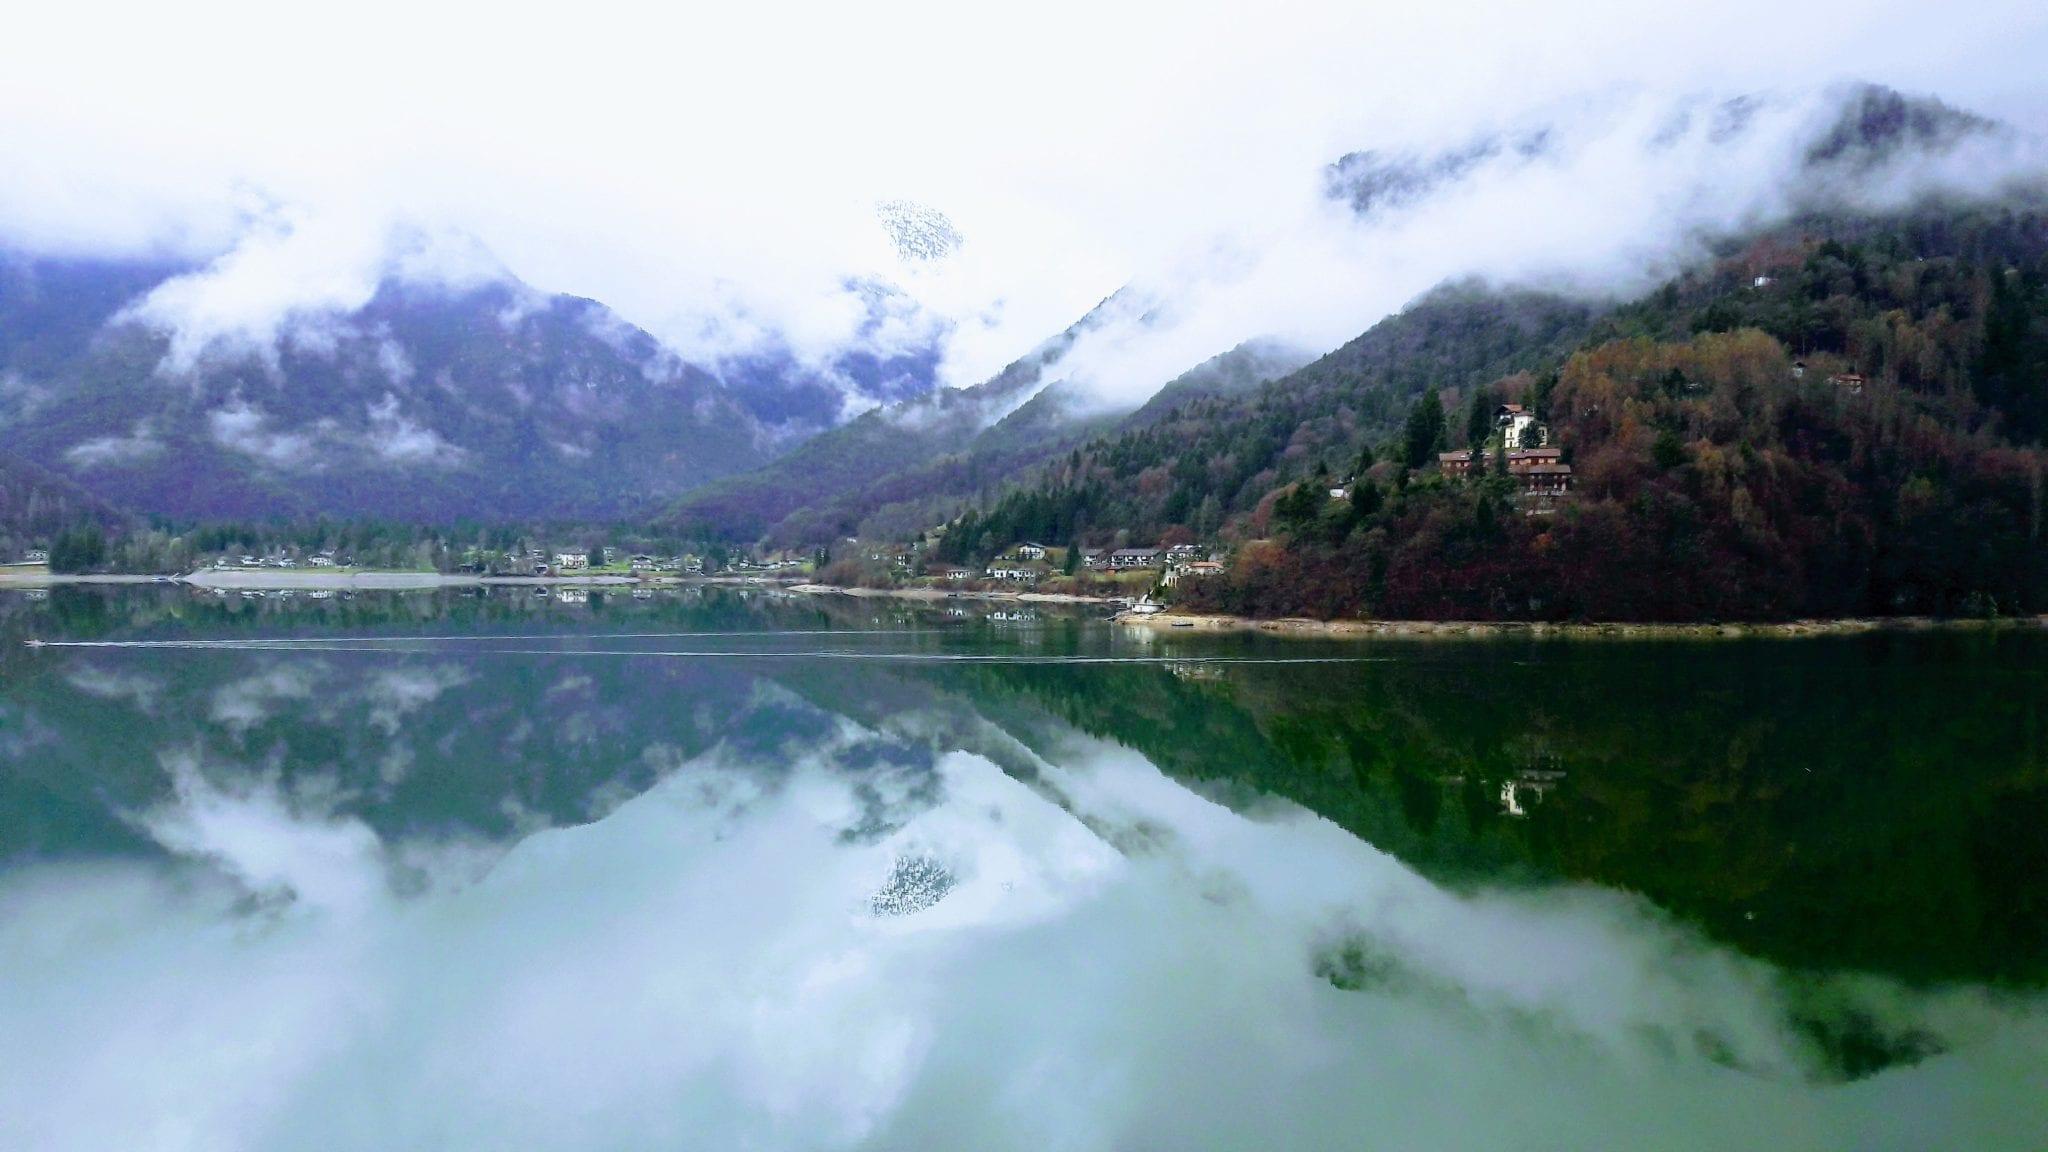 צפון איטליה מאורגן - הנוף מהחדר במלון – ערוצים בטבע